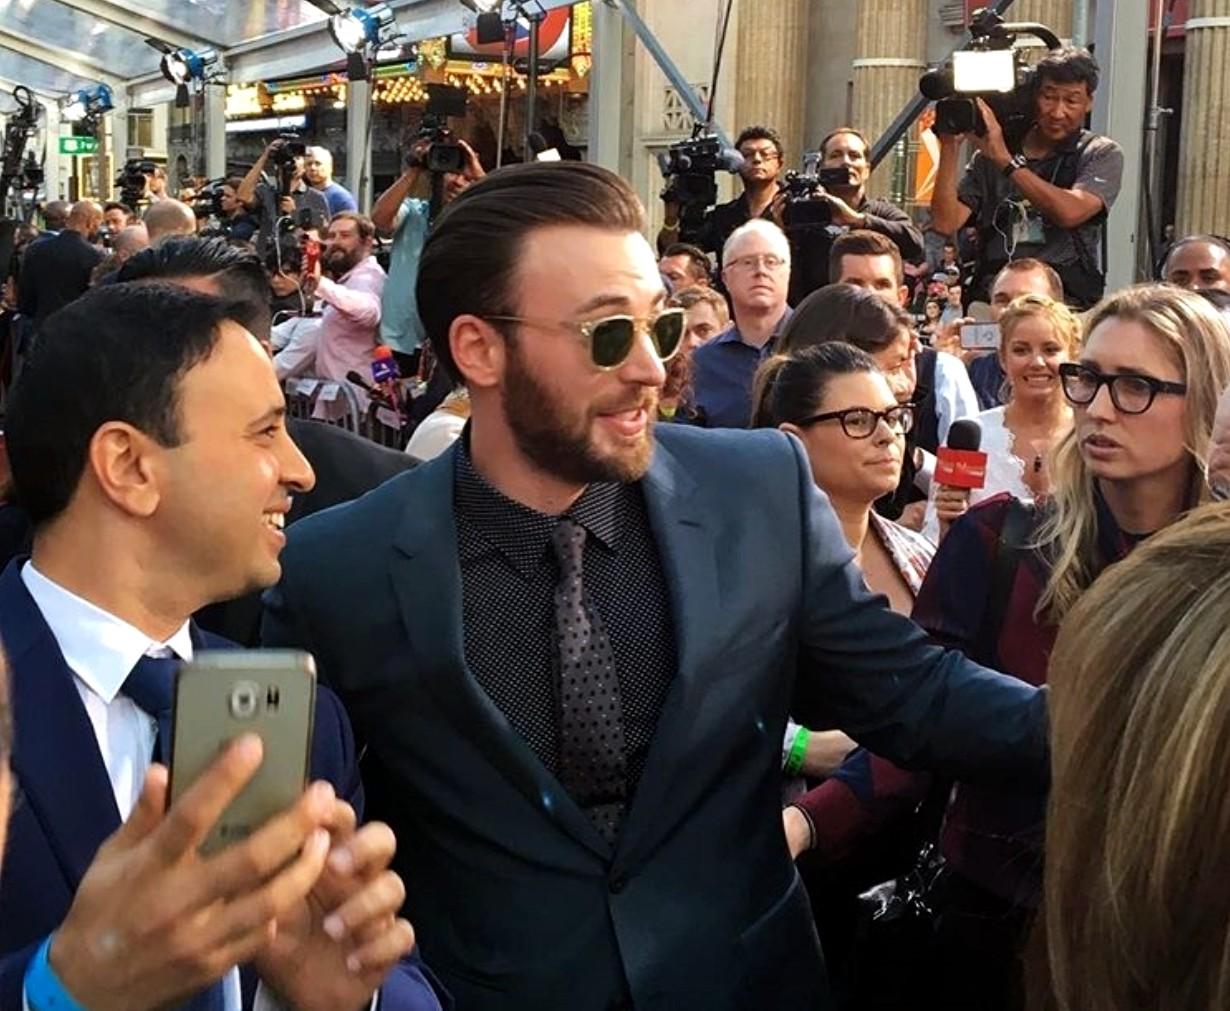 Captain America Civil War, movie premiere, Chris Evans